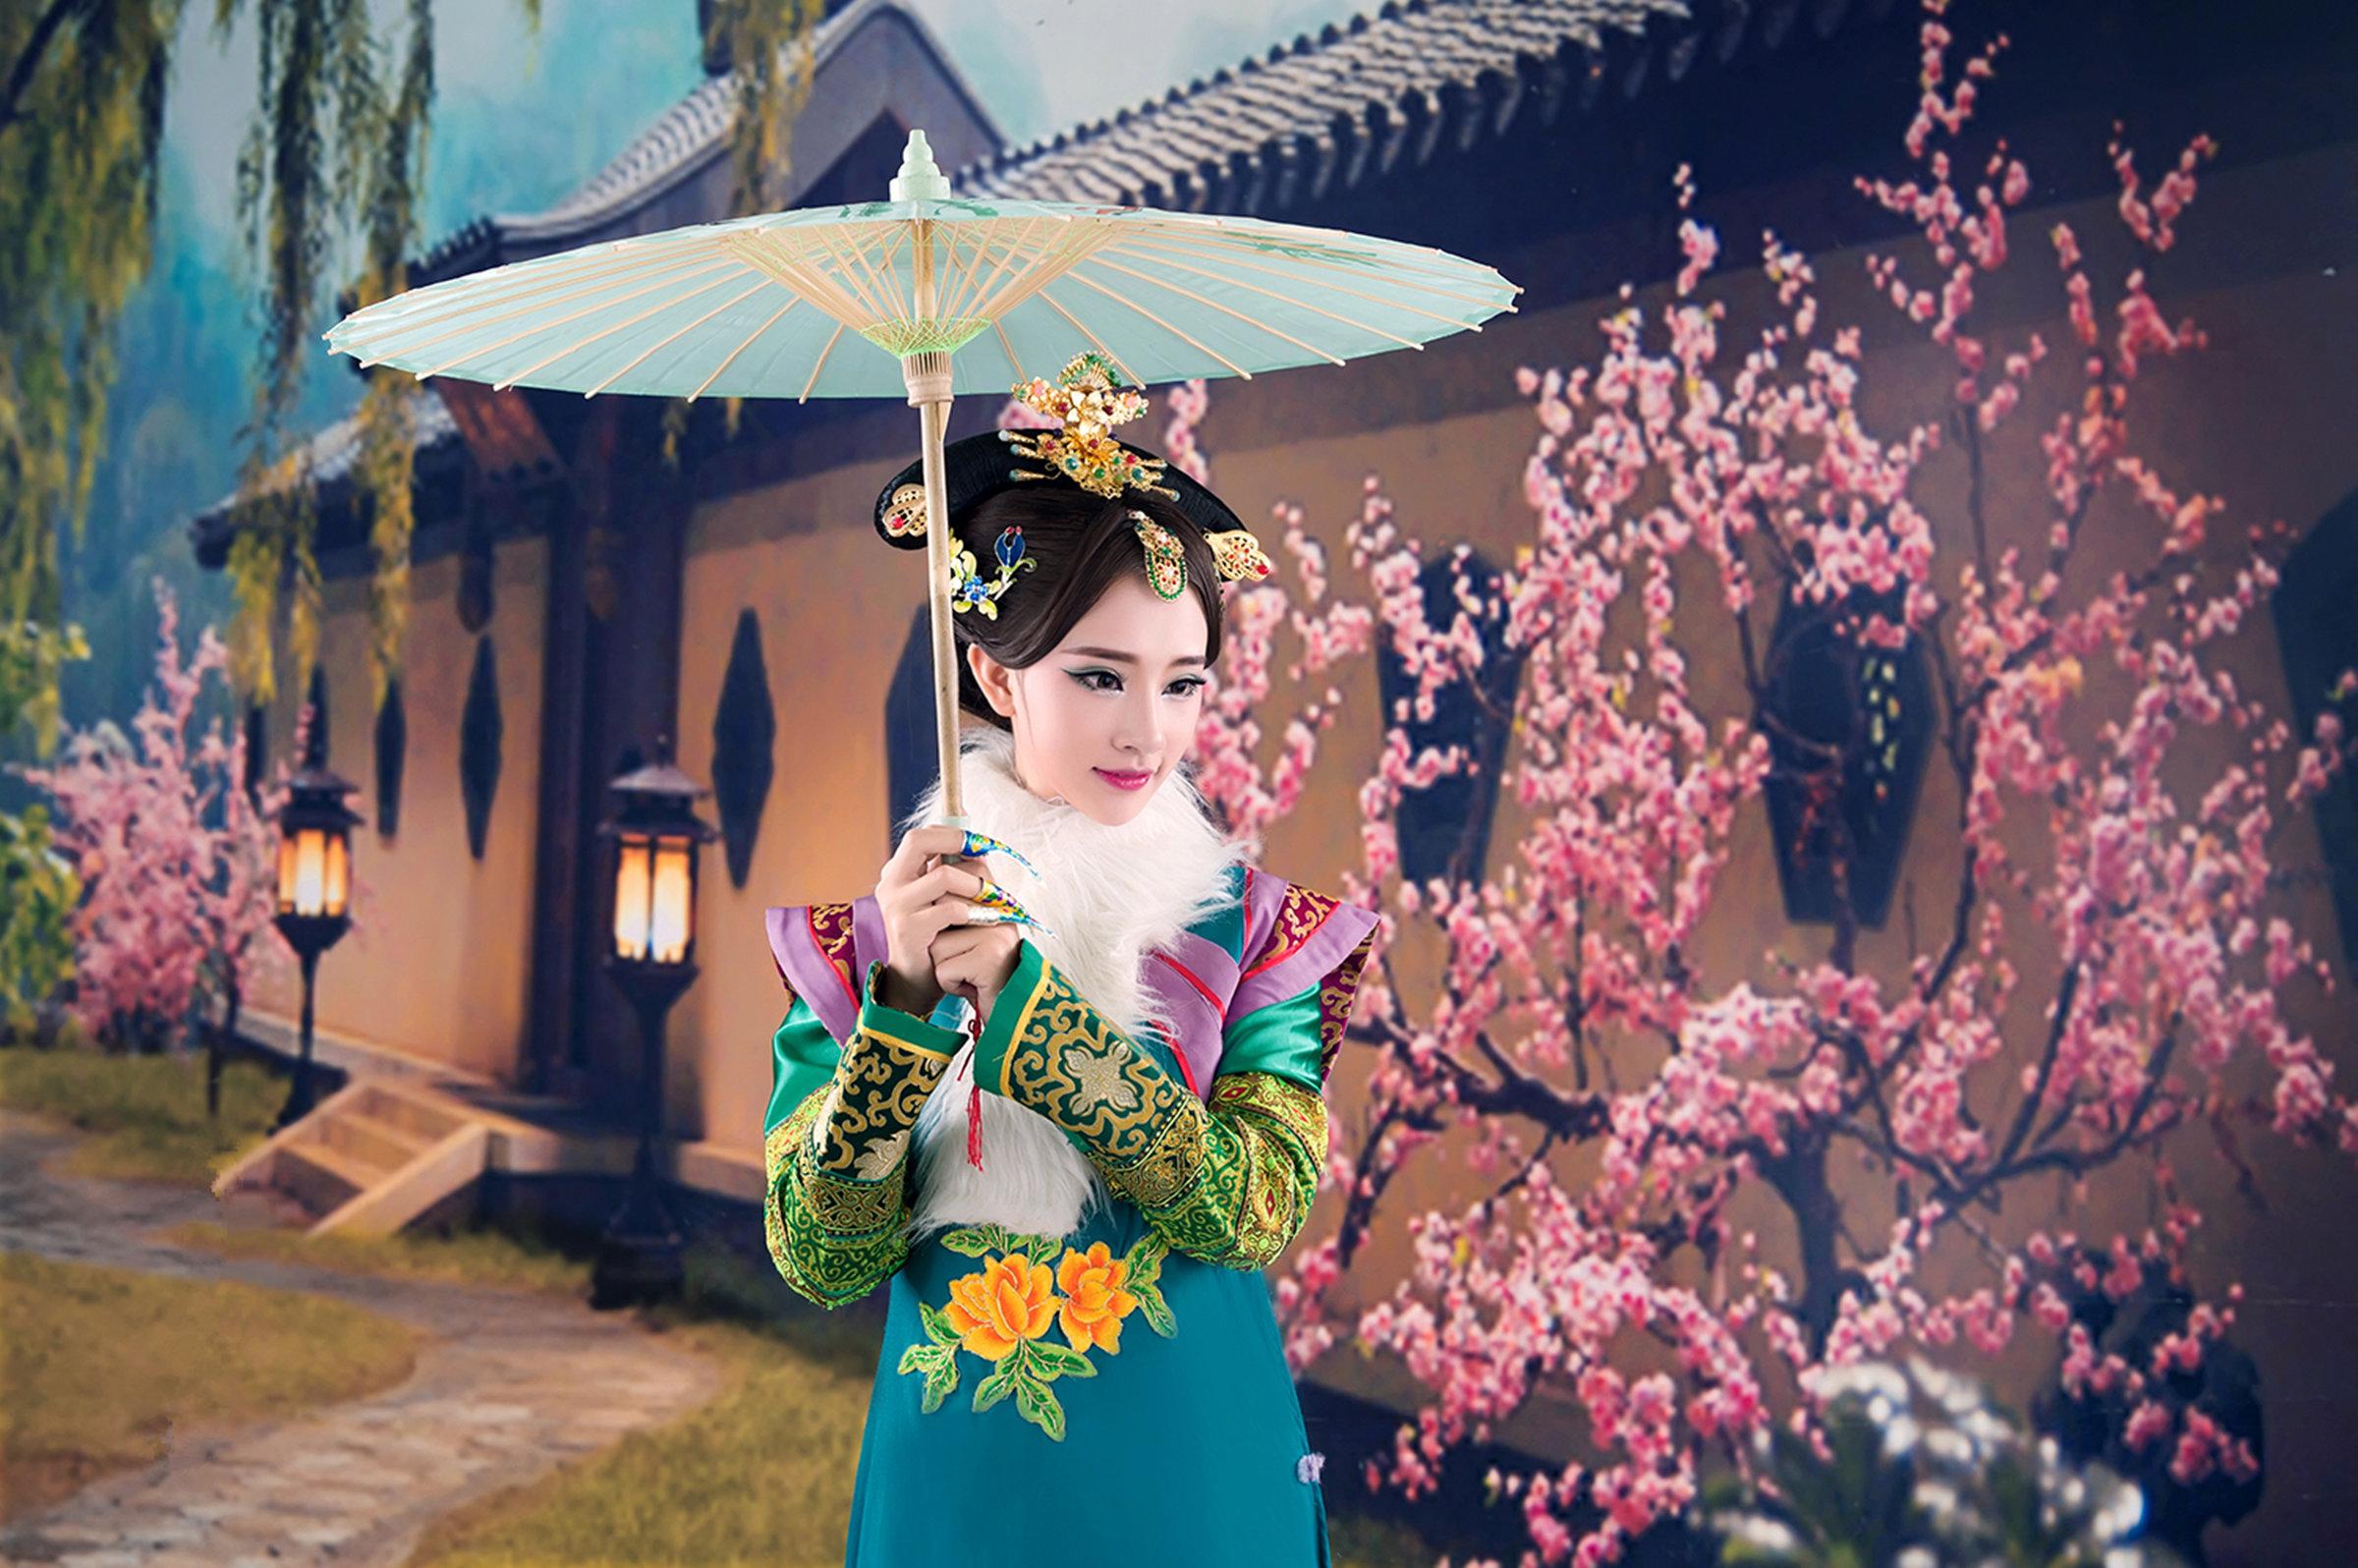 【人像摄影】古装美女 大玉儿  - 花仙子 - heisemeigui的的博客